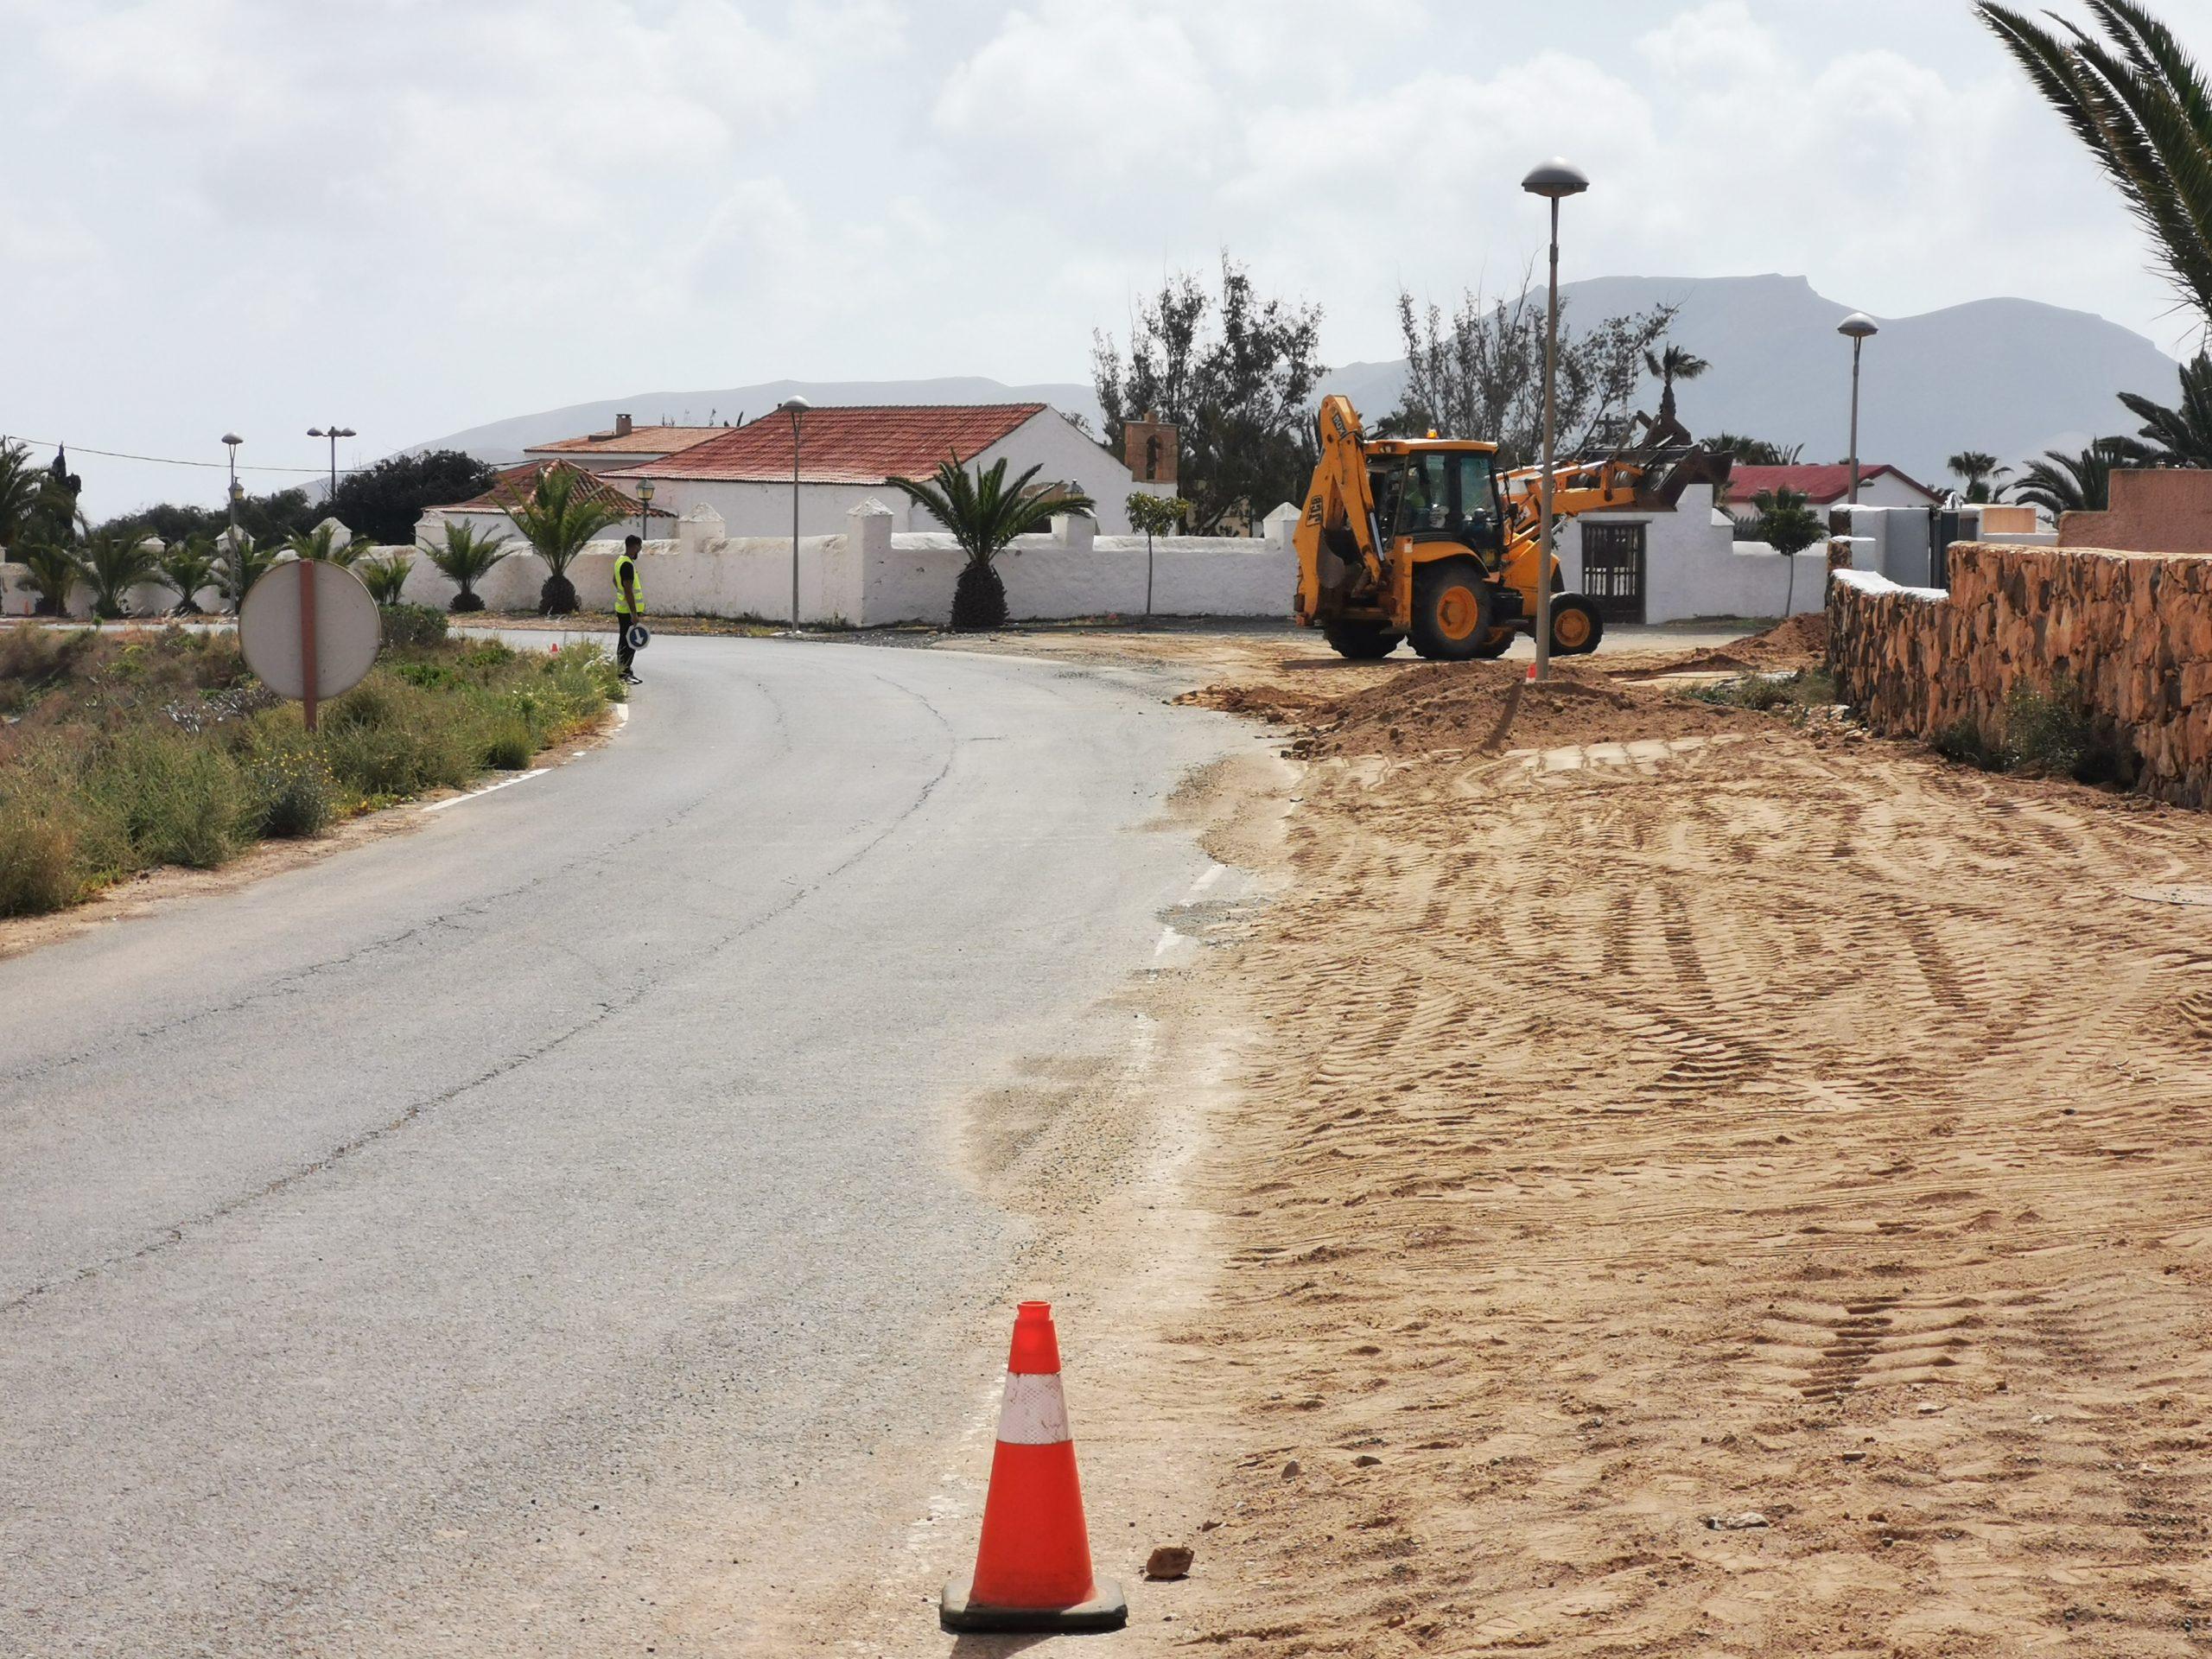 imagen-de-obras-en-ejecucion-en-Triquivijate-2021-scaled Más de 60.000 euros para el saneamiento en Triquivijate